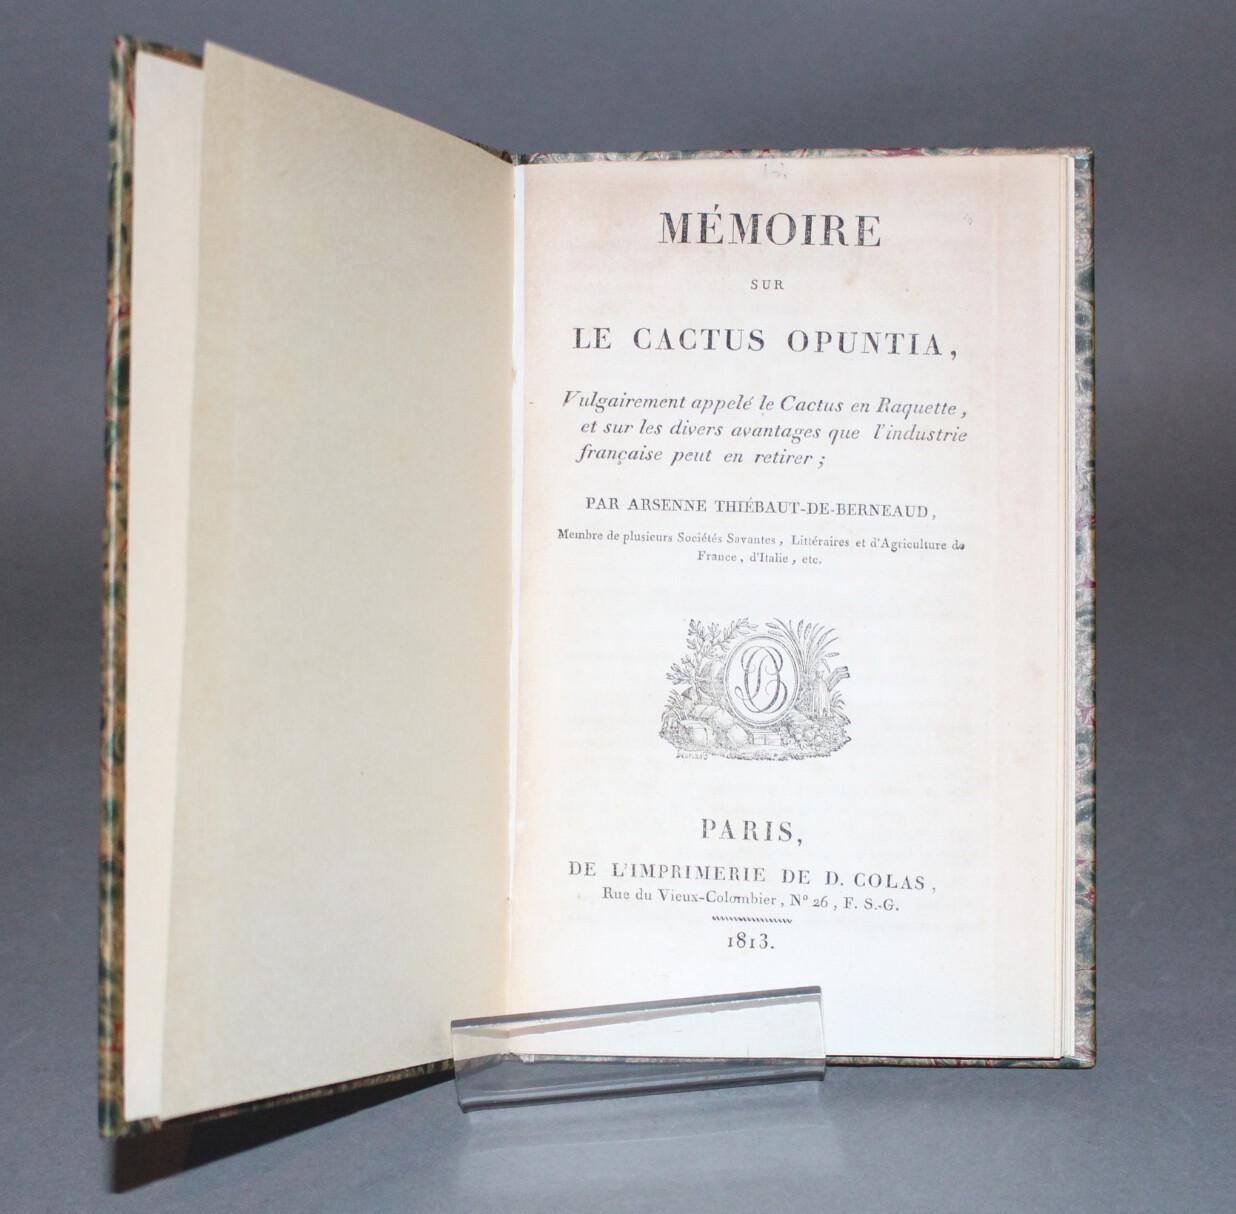 THIEBAUT DE BERNEAUD.- Mémoire sur le Cactus opuntia, 1813